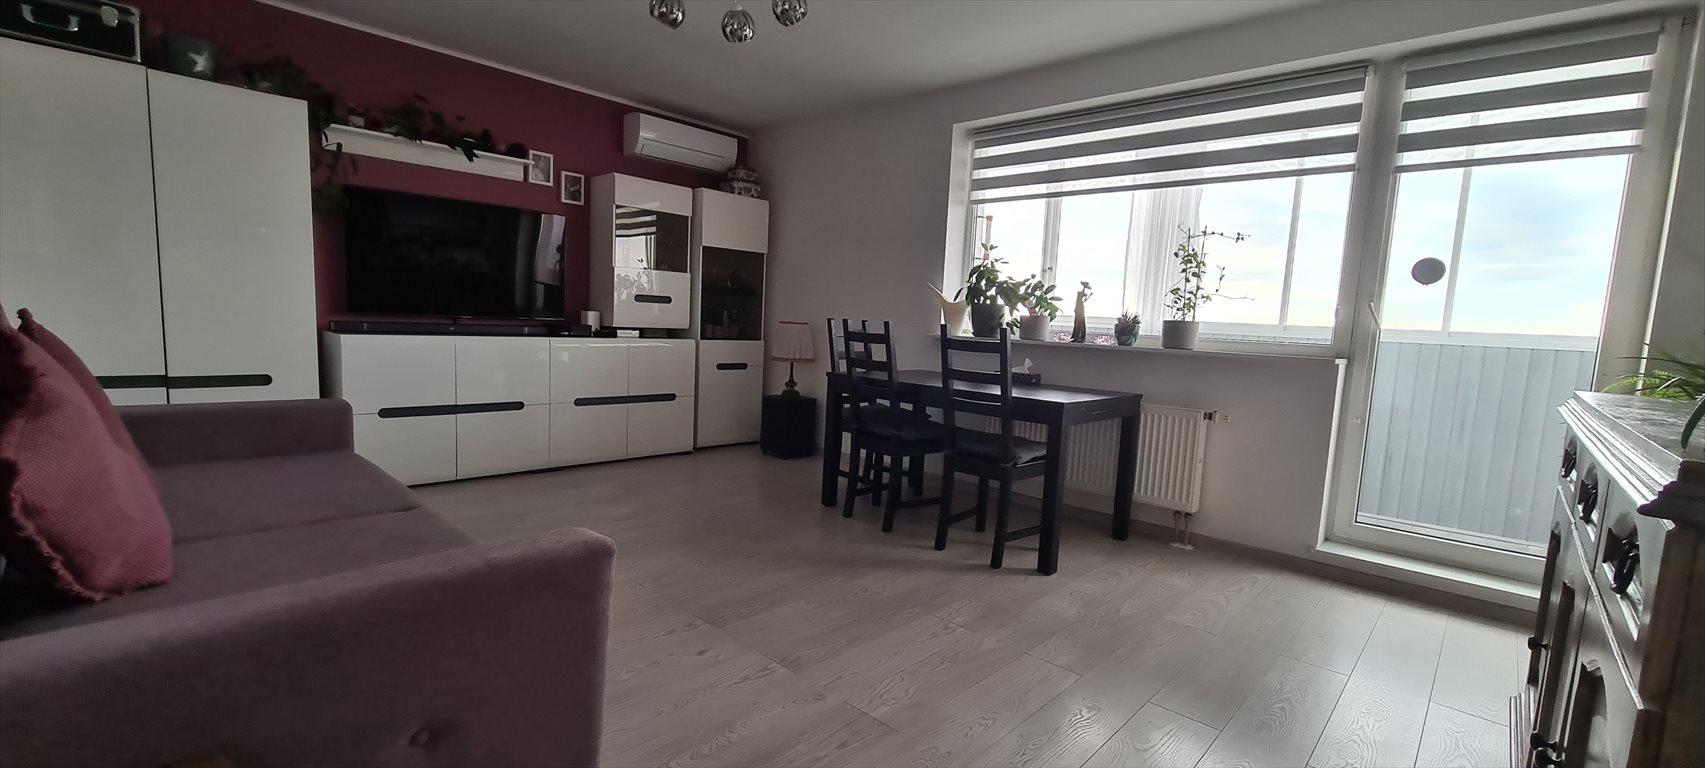 Mieszkanie trzypokojowe na sprzedaż Warszawa, Bielany, Esej  74m2 Foto 7